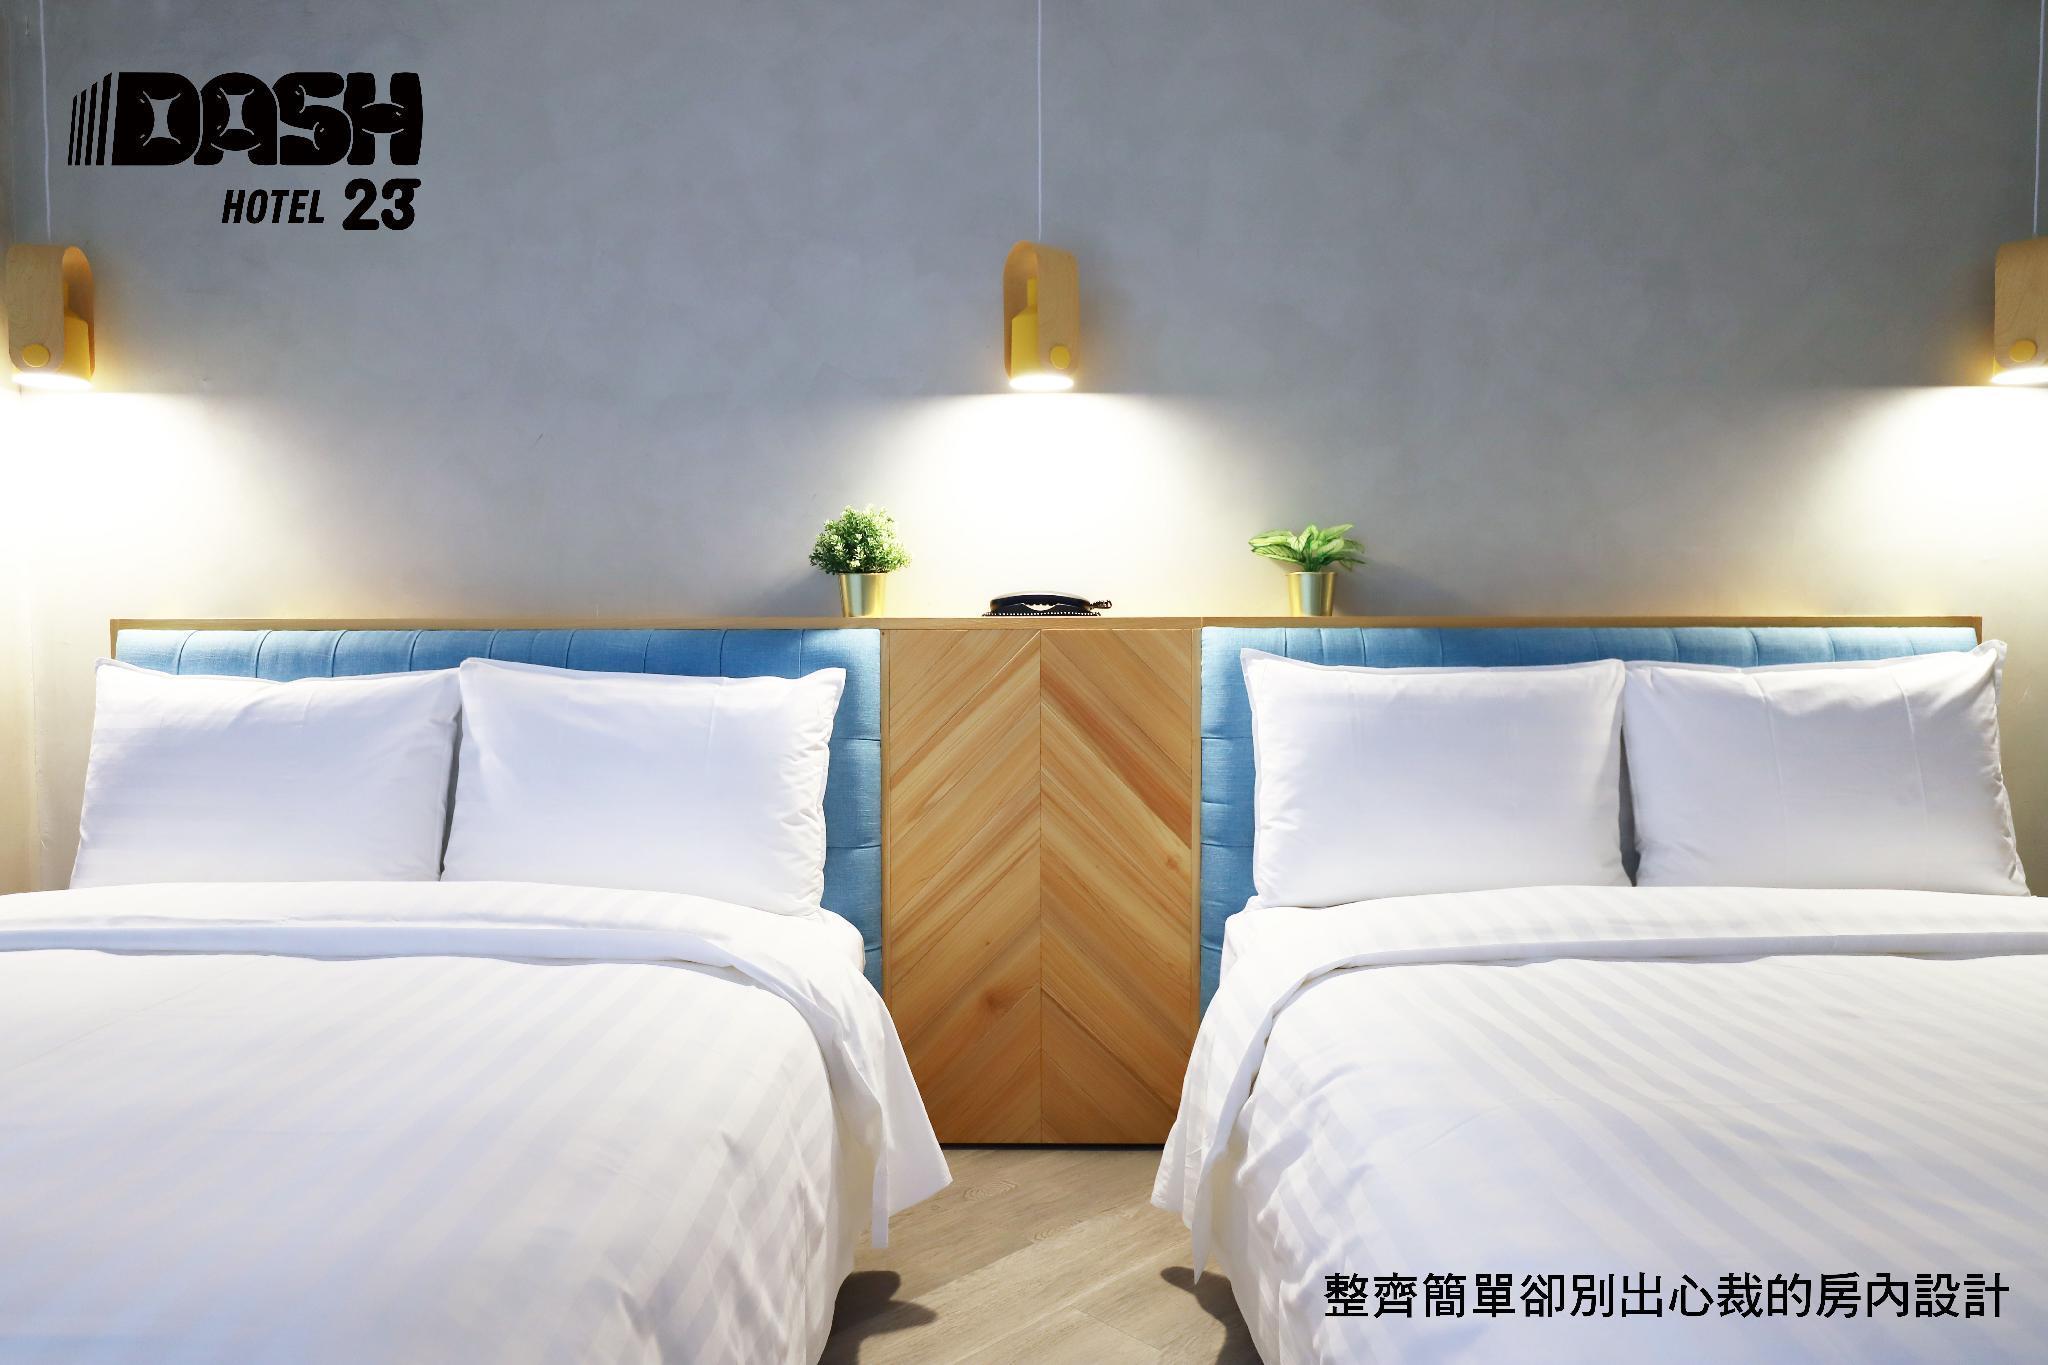 Unique Hotel - Dash 23 Hotel